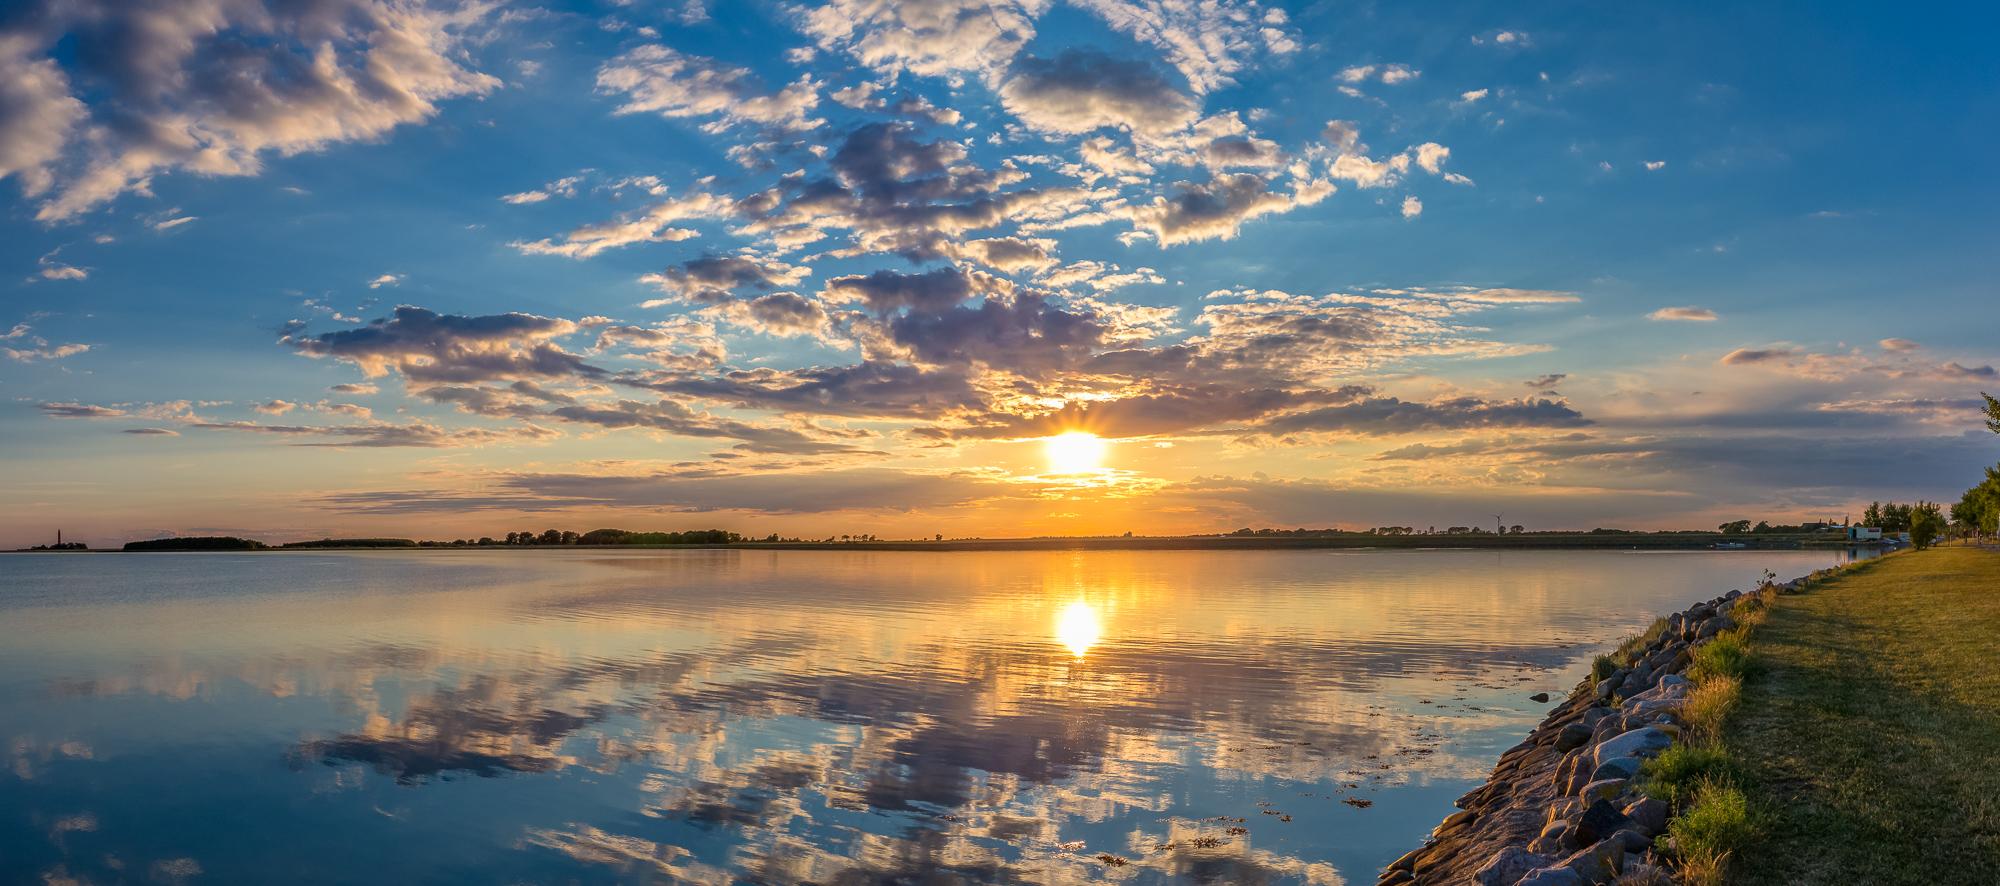 Sonnenuntergang Orth Fehmarn